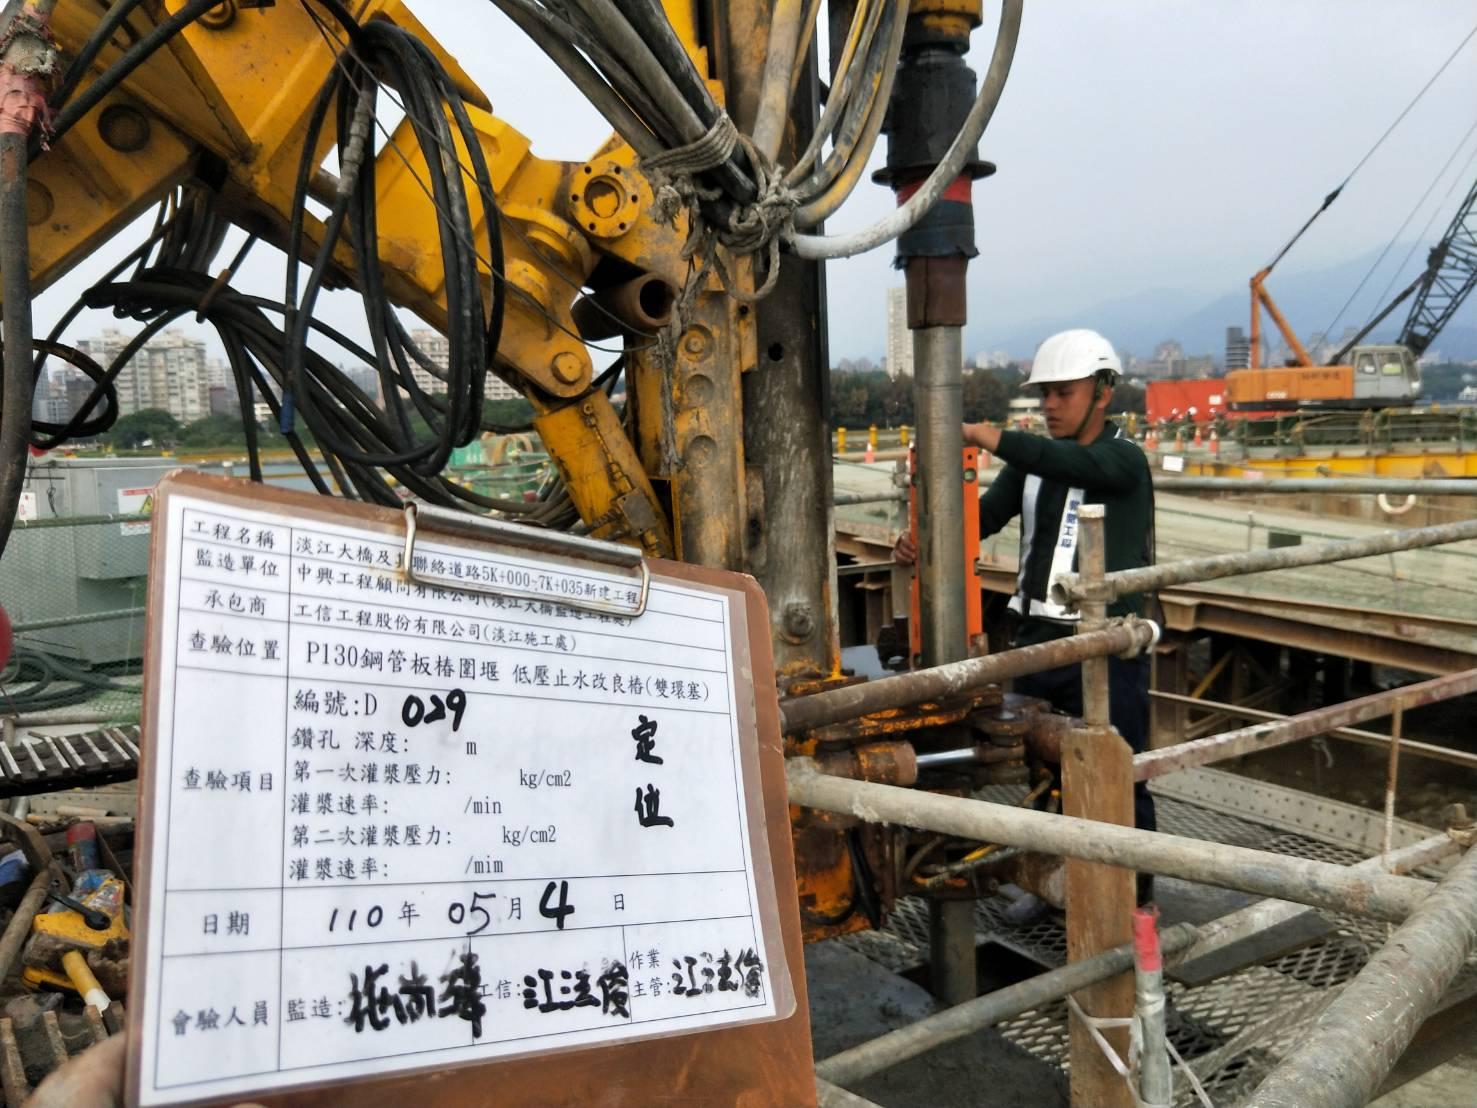 鋼管鈑樁圍堰低壓止水改良樁(雙環塞),鑽堡鑽孔定位作業.